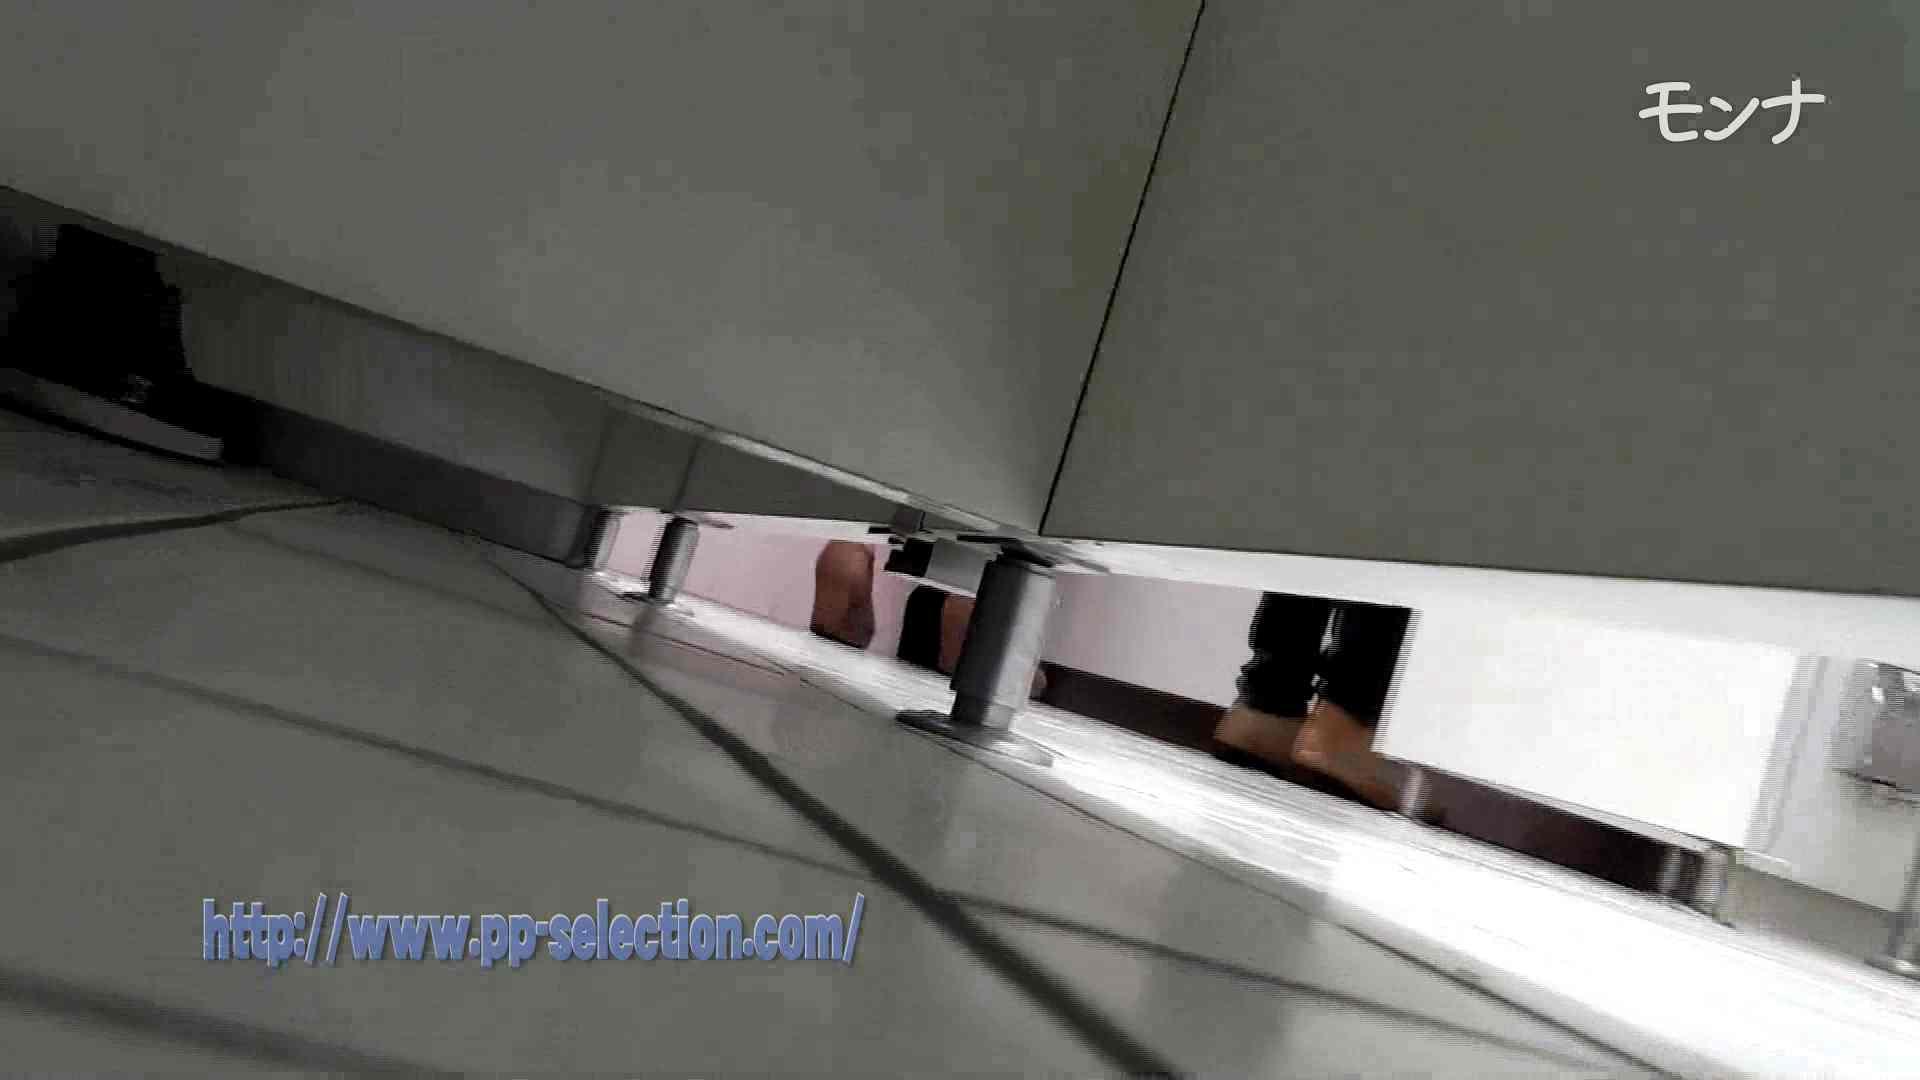 ▲2016_01位▲ 美しい日本の未来 No.27 規格外主人公登場 Hなモデル SEX無修正画像 108pic 11